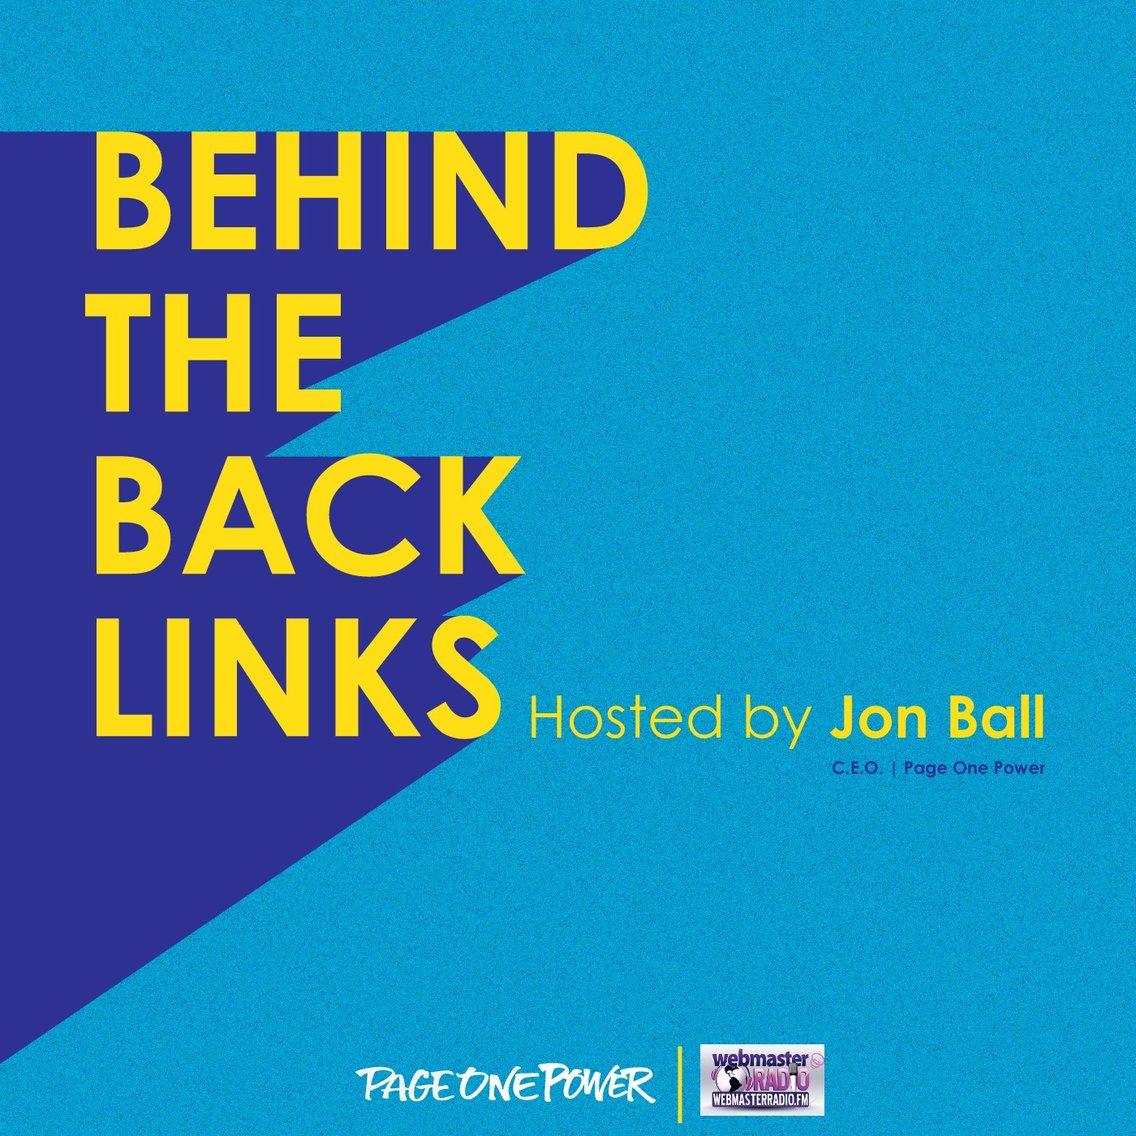 Behind the Backlinks - imagen de portada